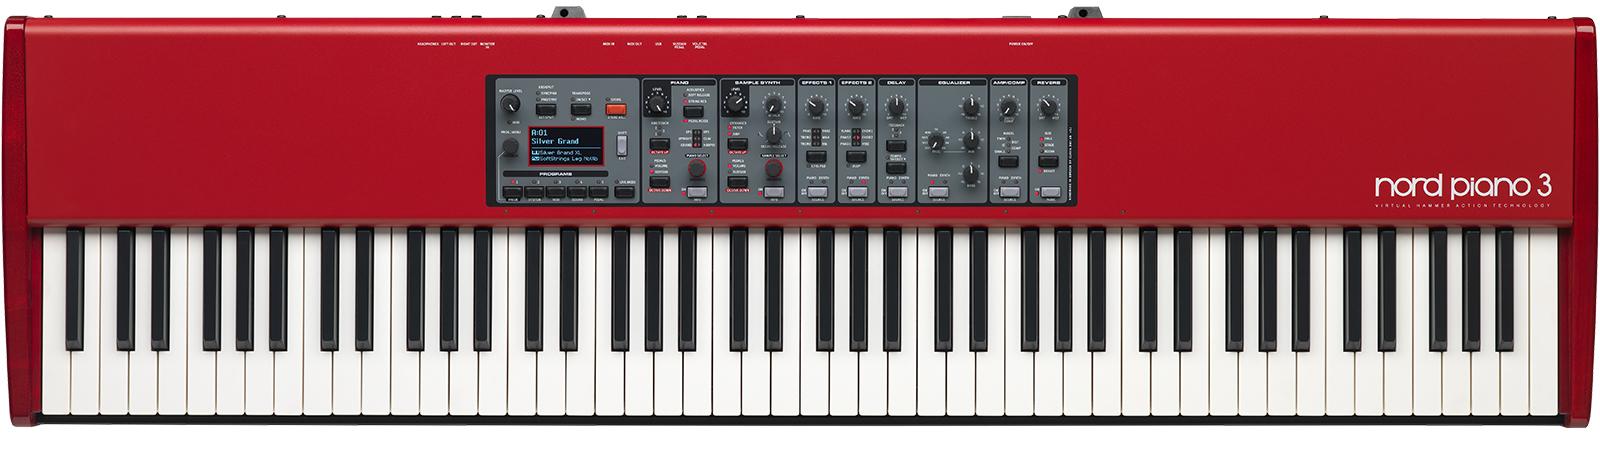 teclado nord 4